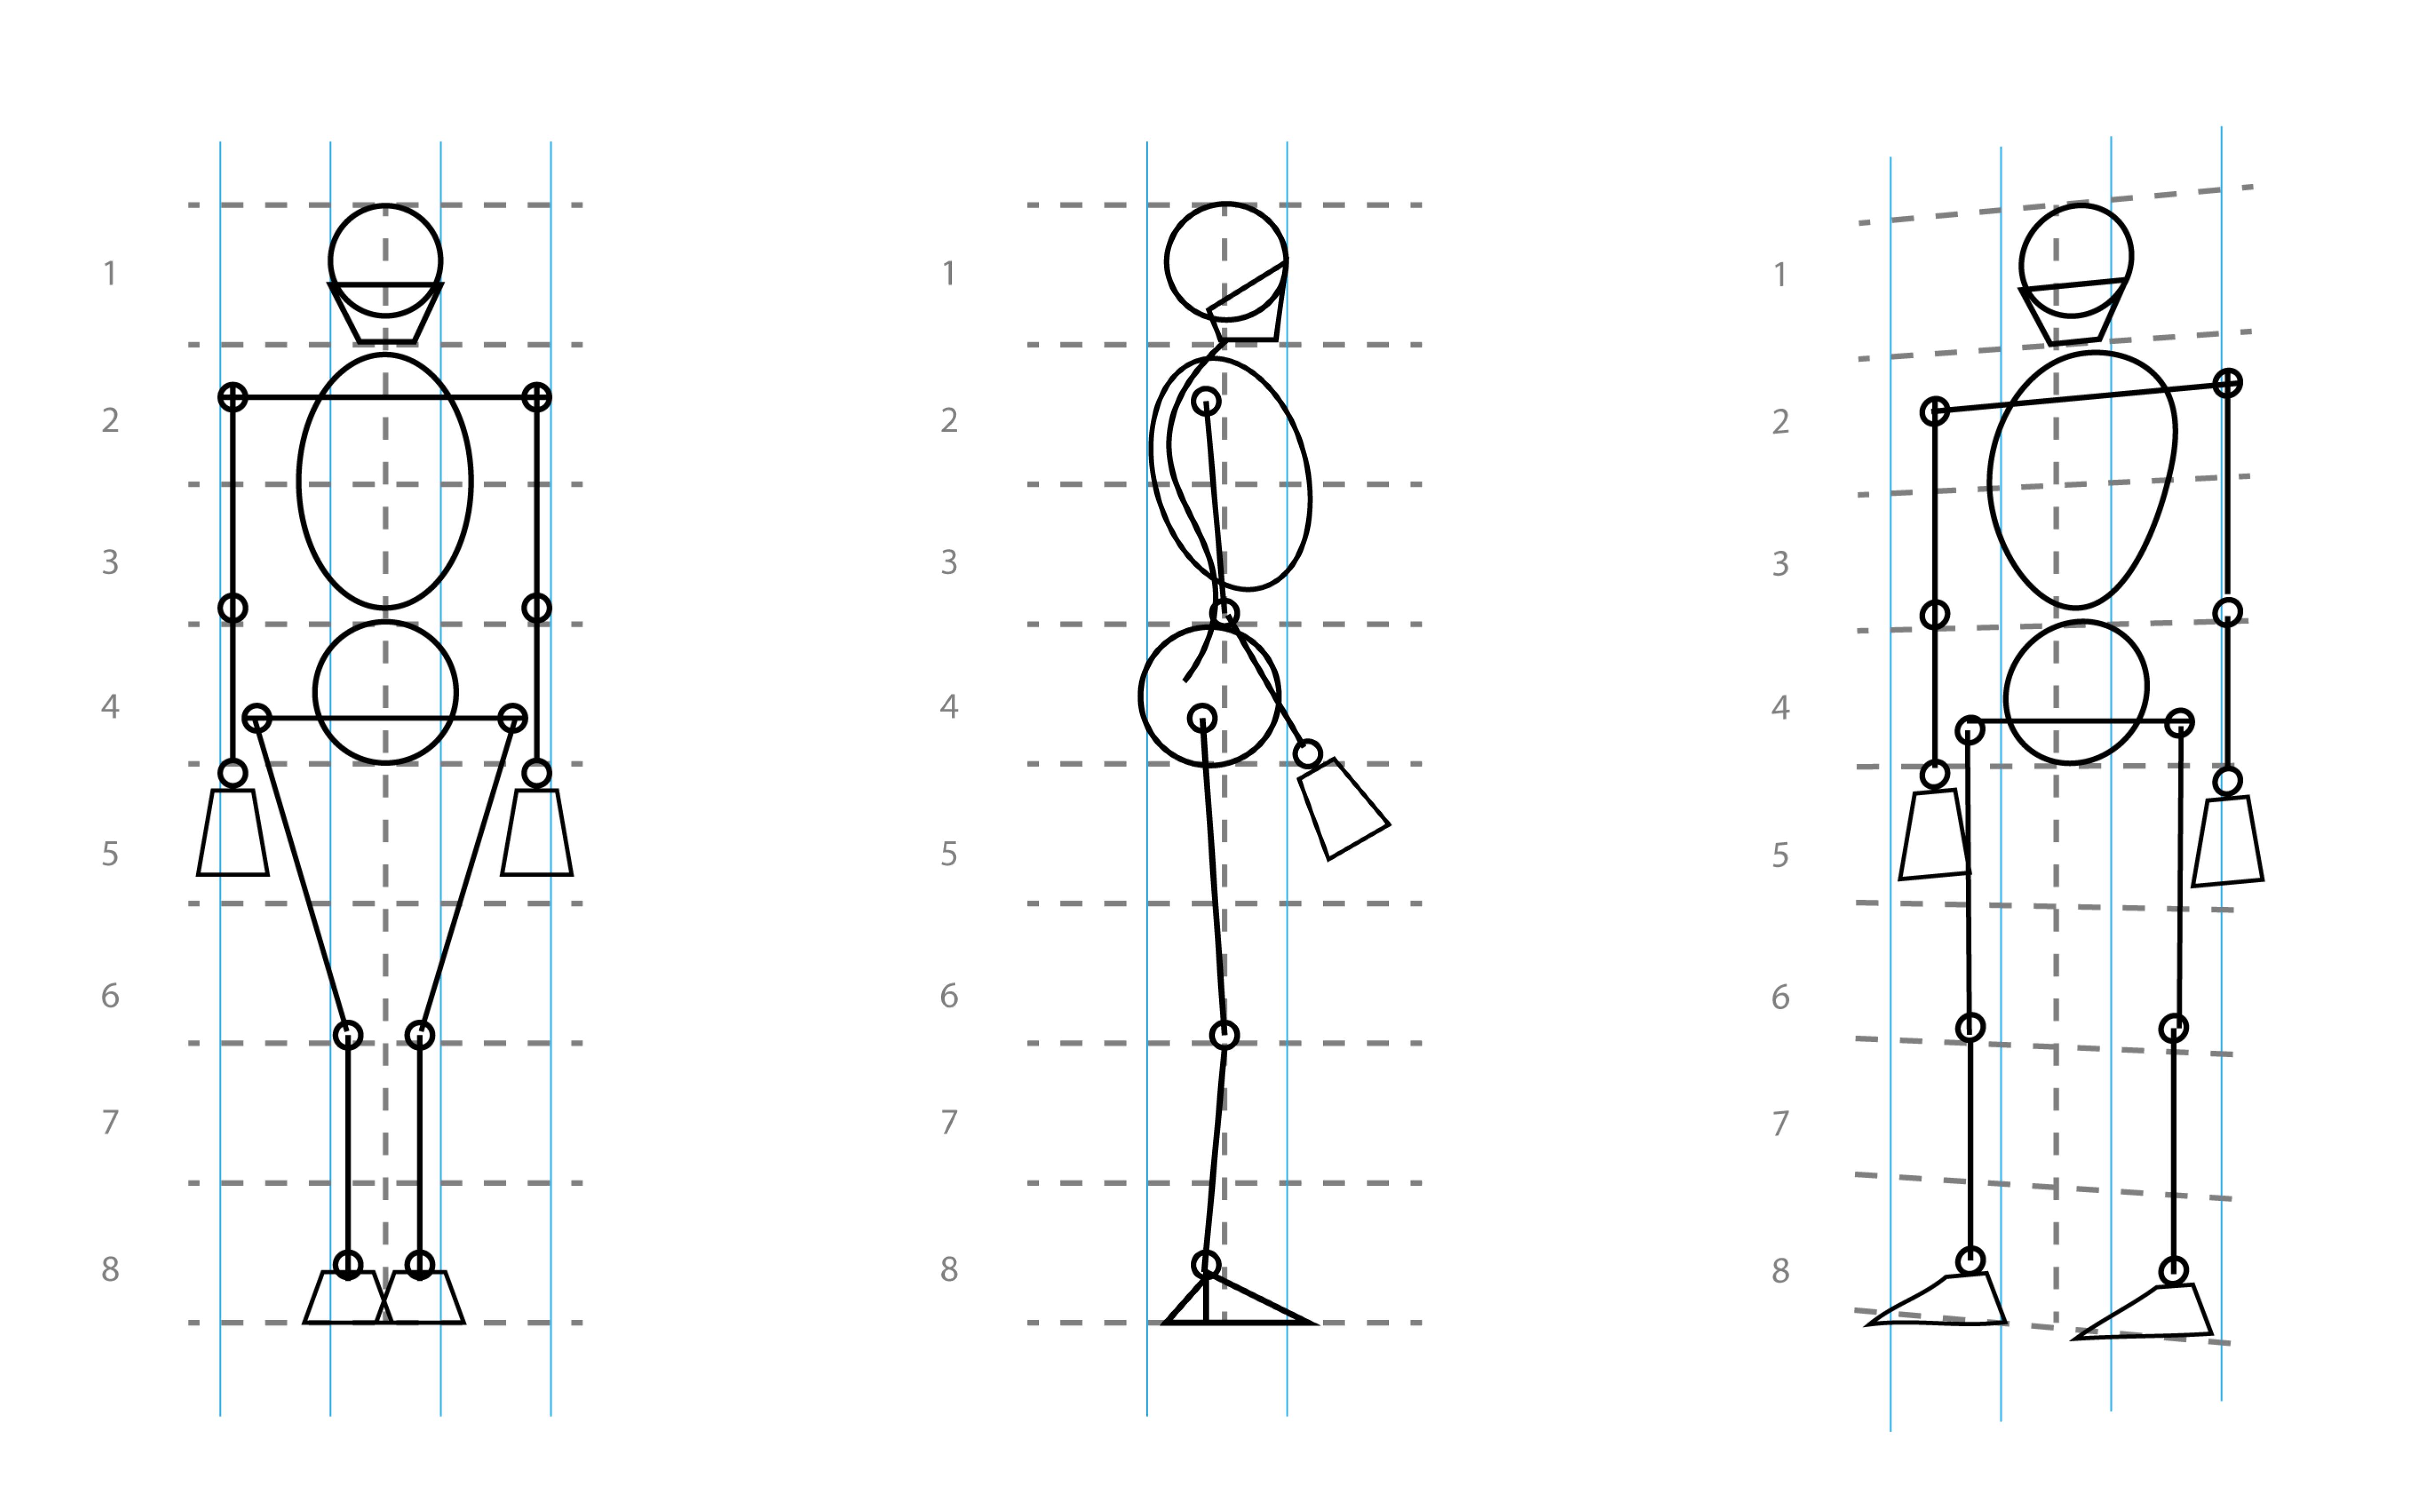 Pin En Dibujo E Ilustracion